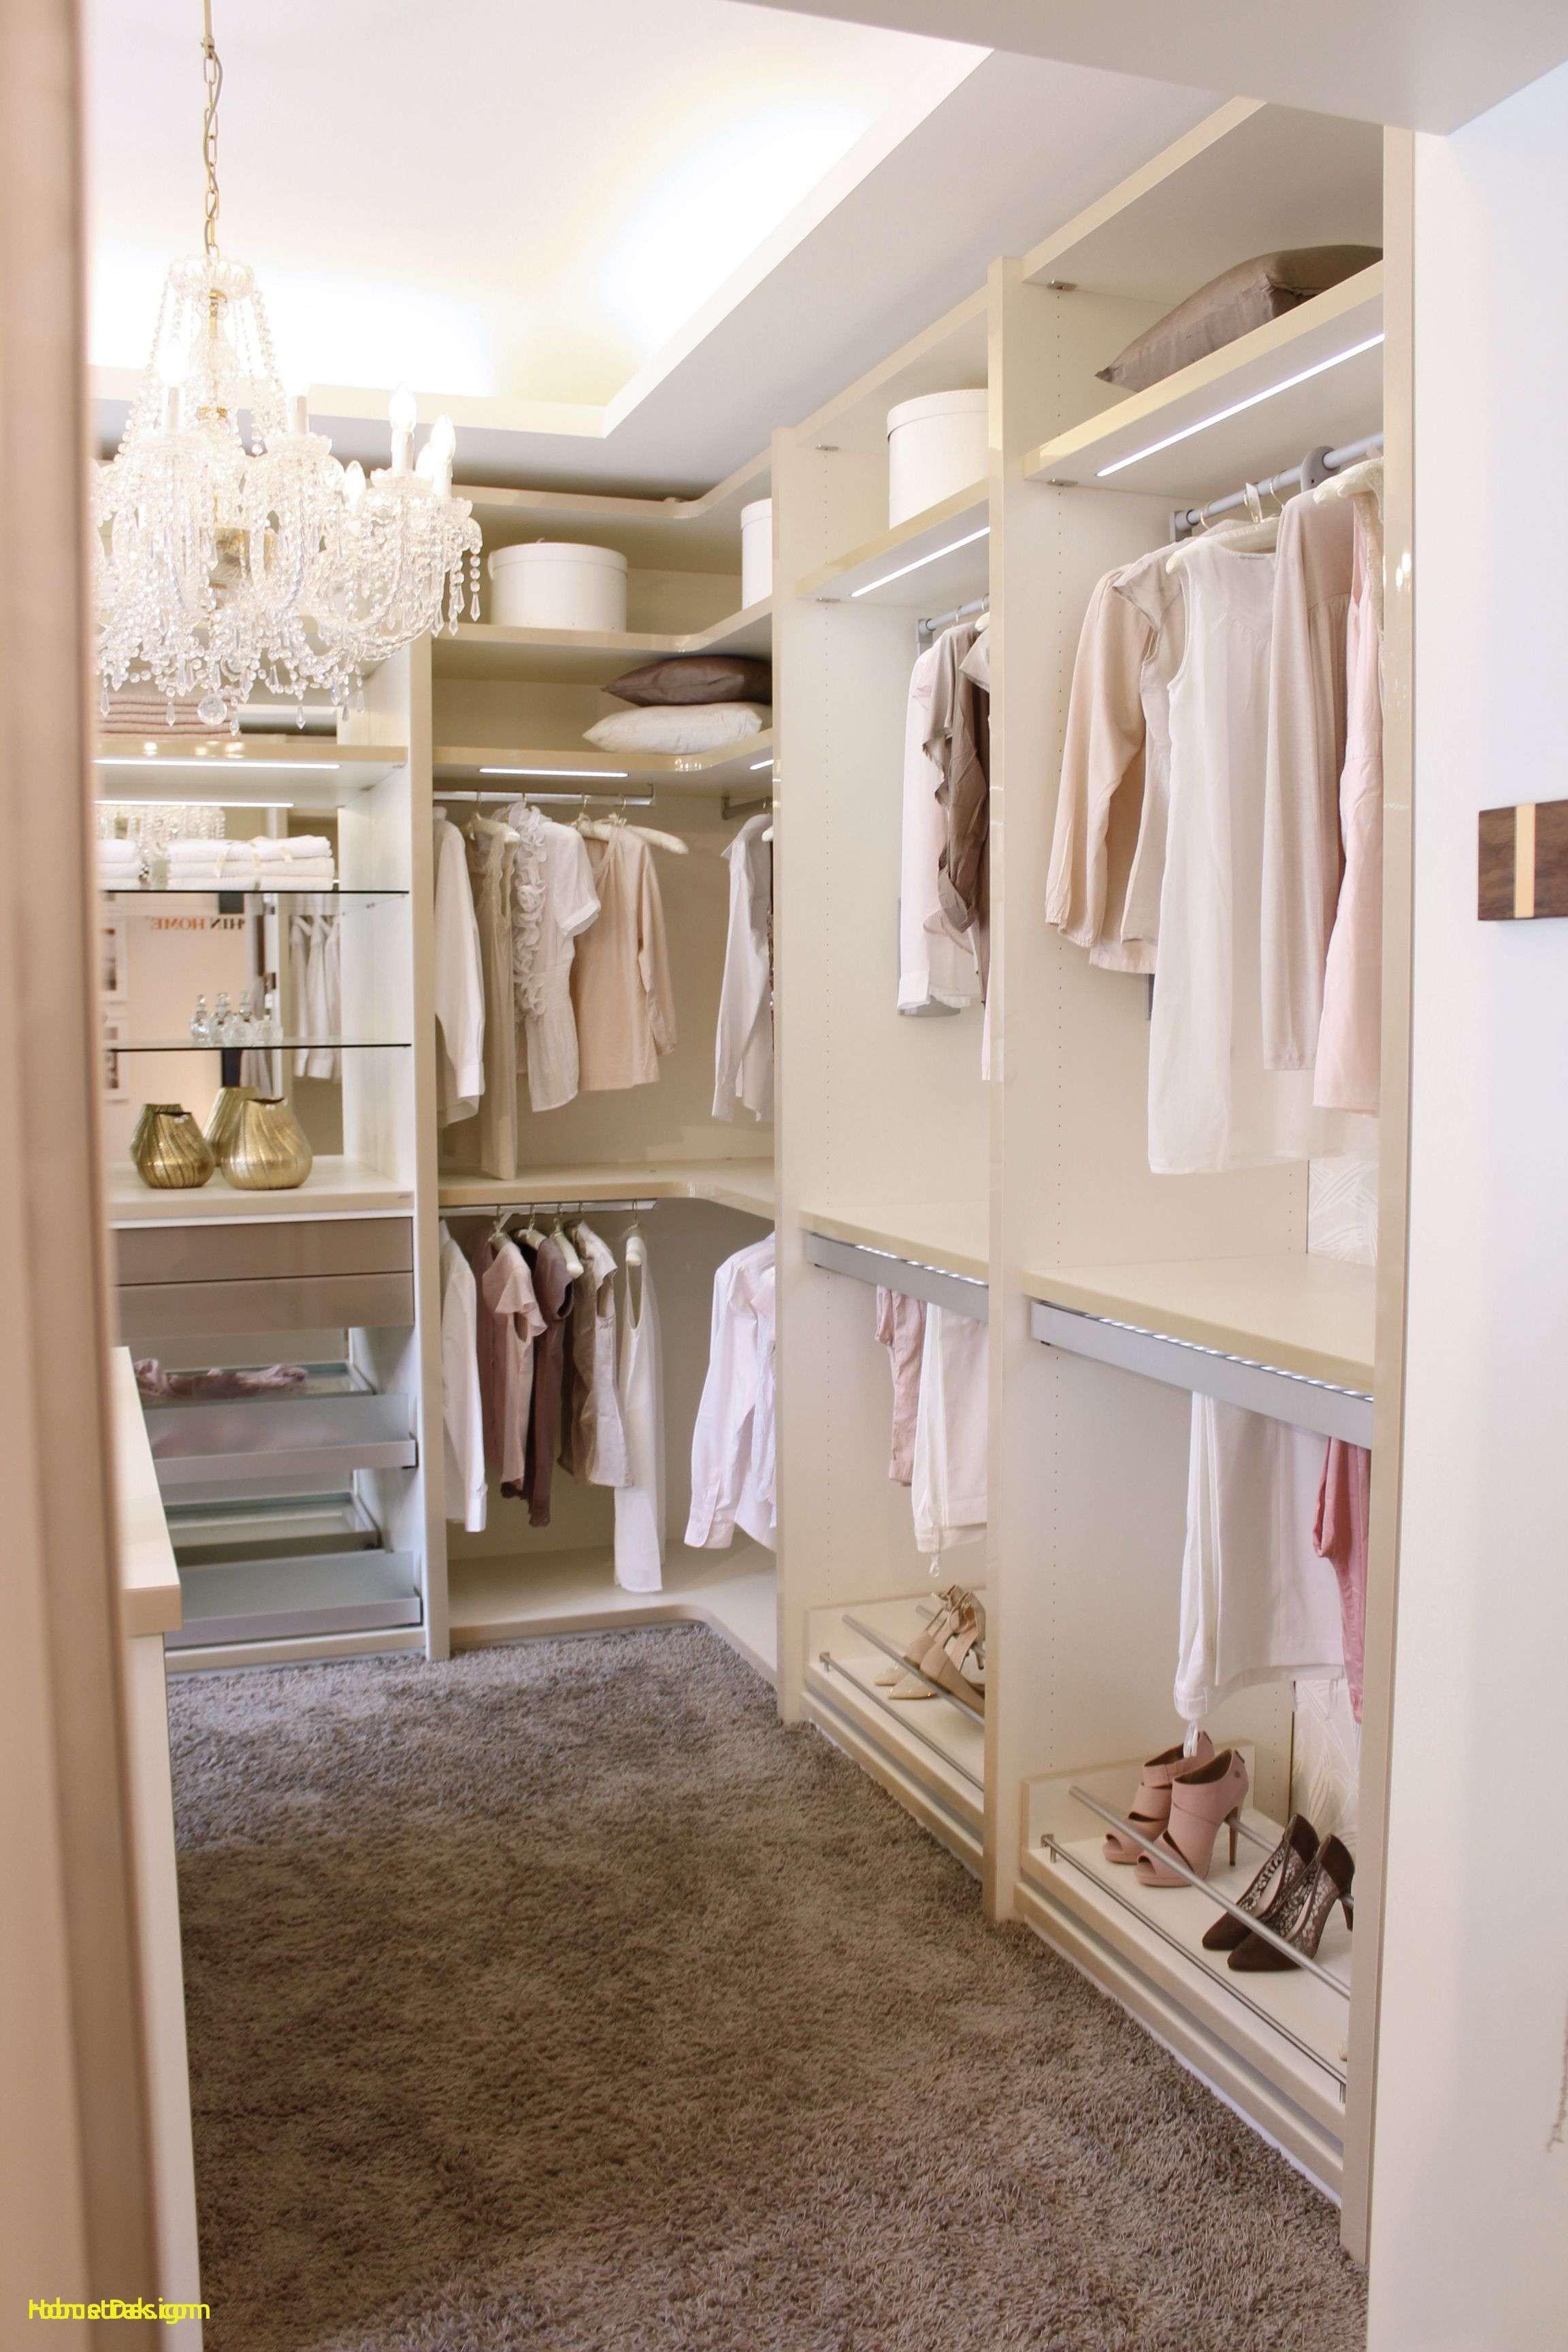 6x6 Closet Design Image Of Bathroom And Closet